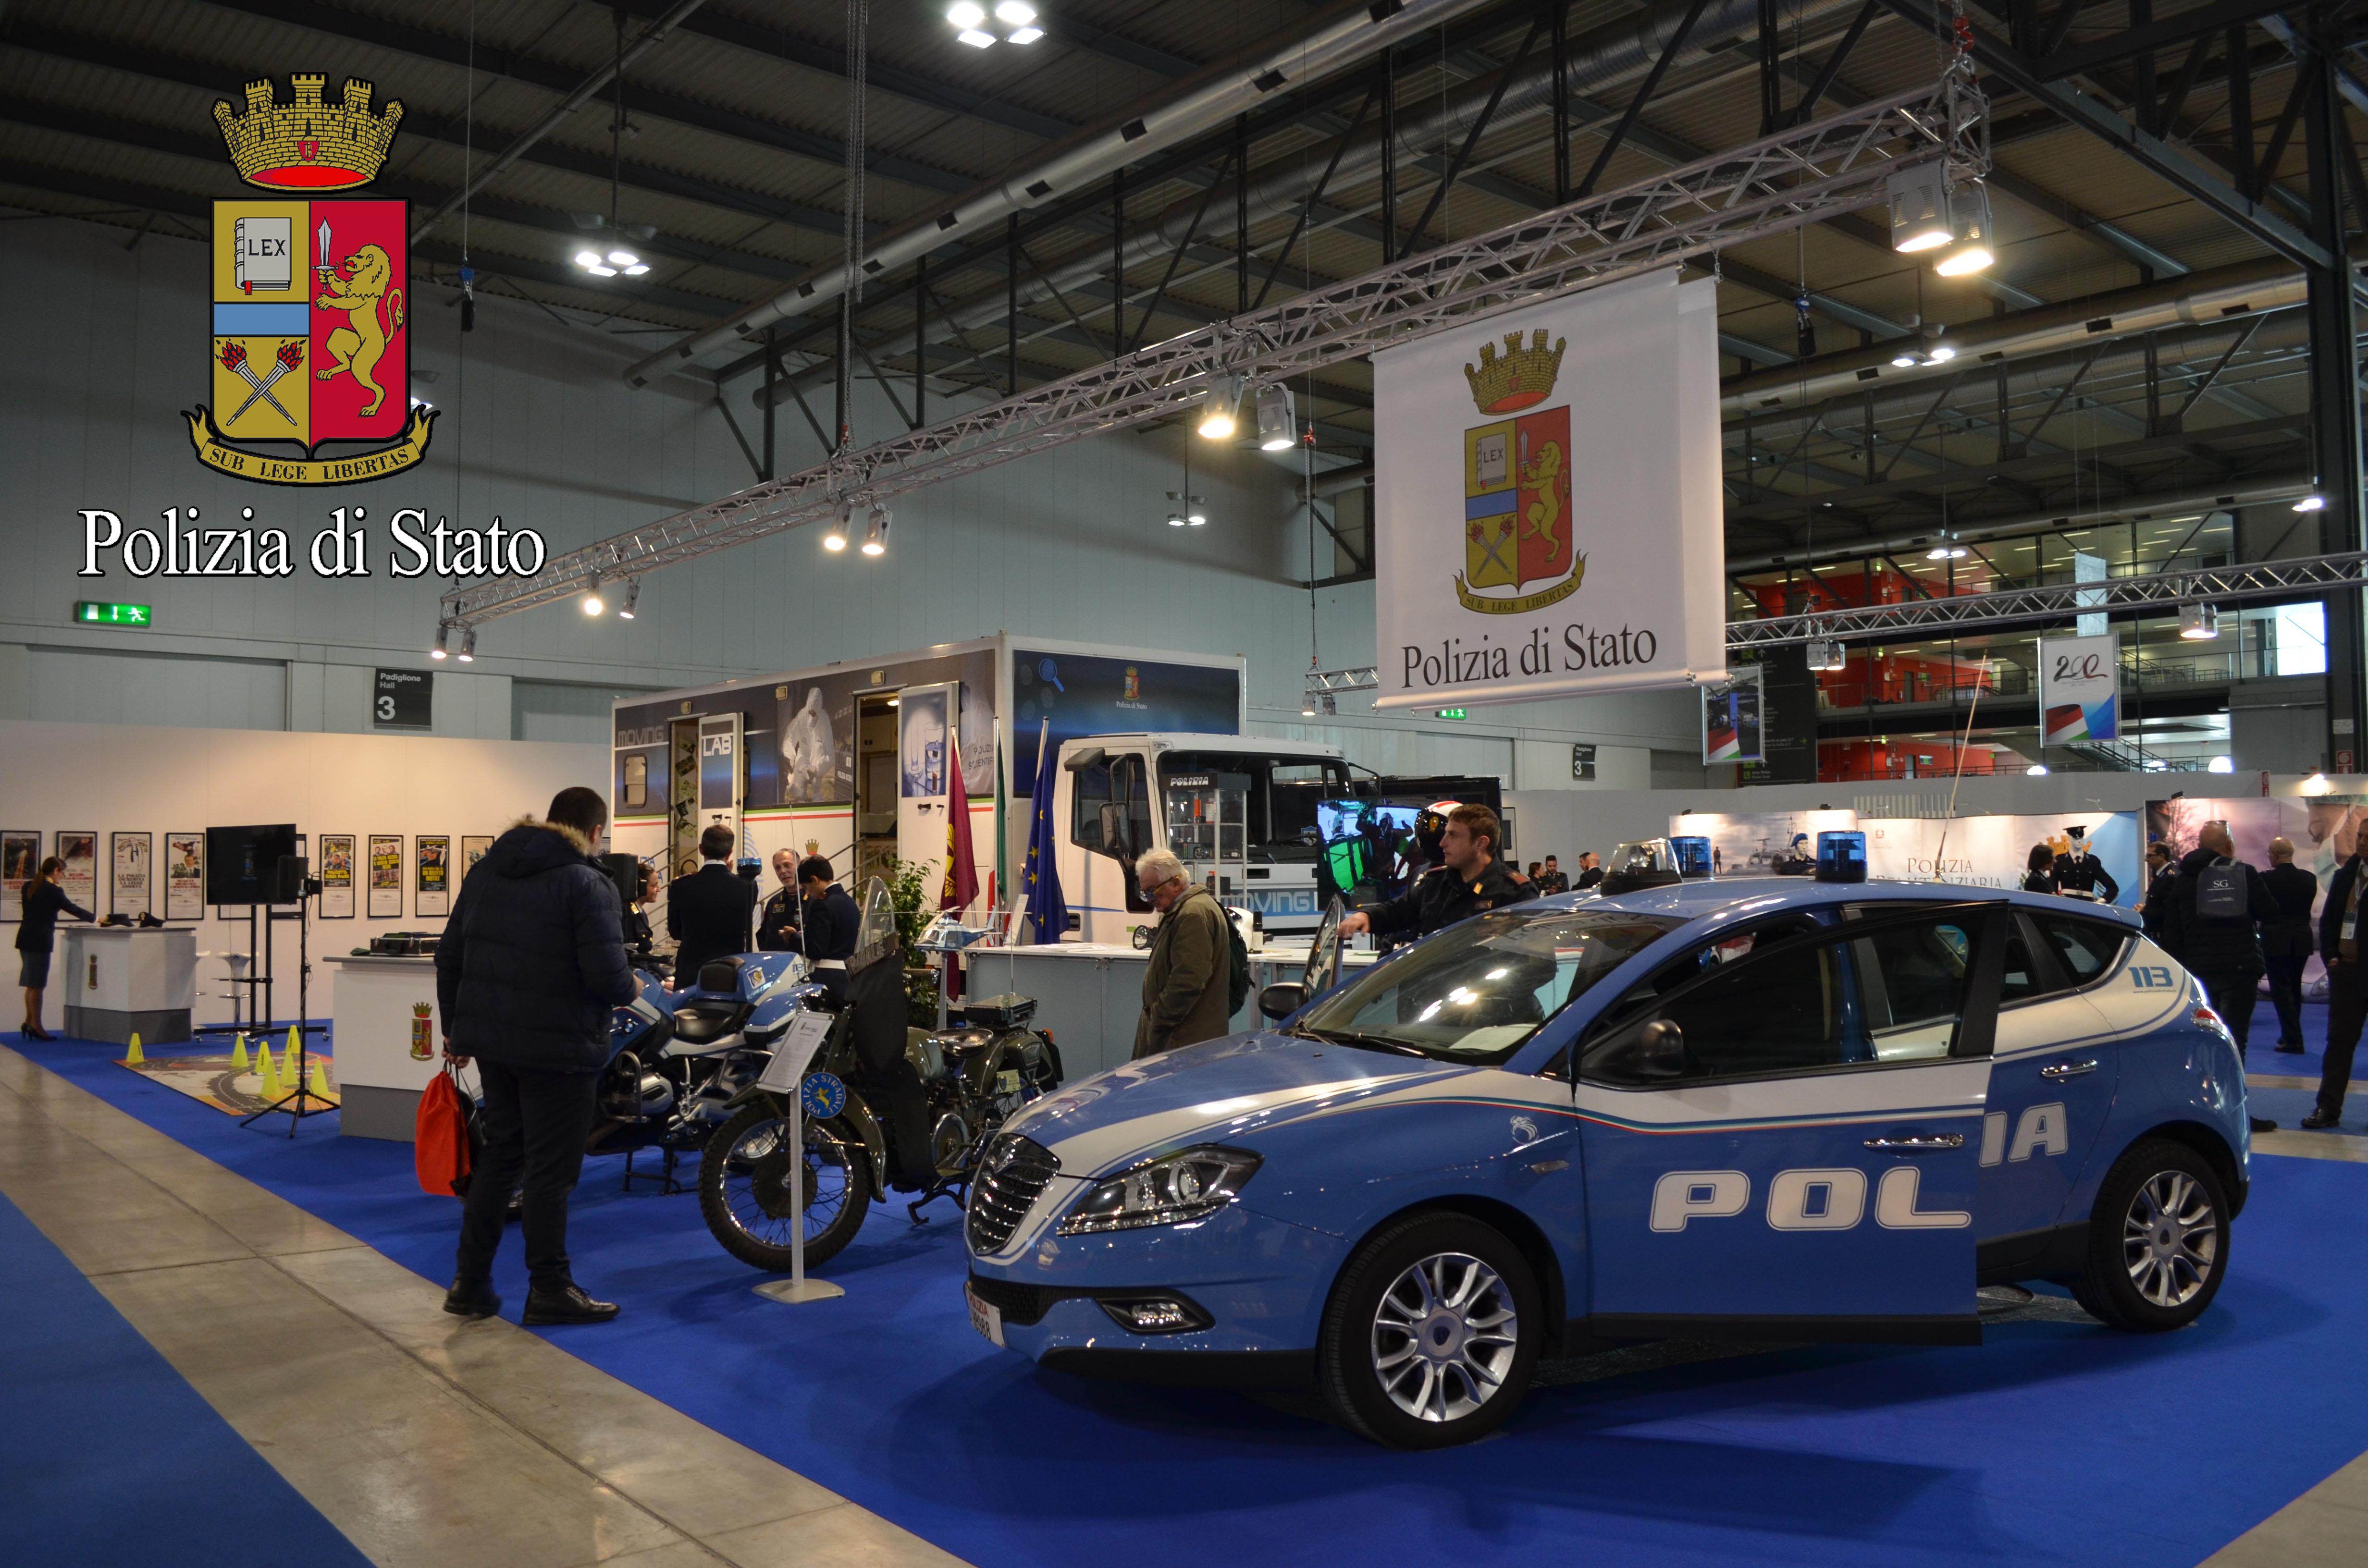 La polizia di stato alla fiera della sicurezza 2017 for Questura di cremona permesso di soggiorno